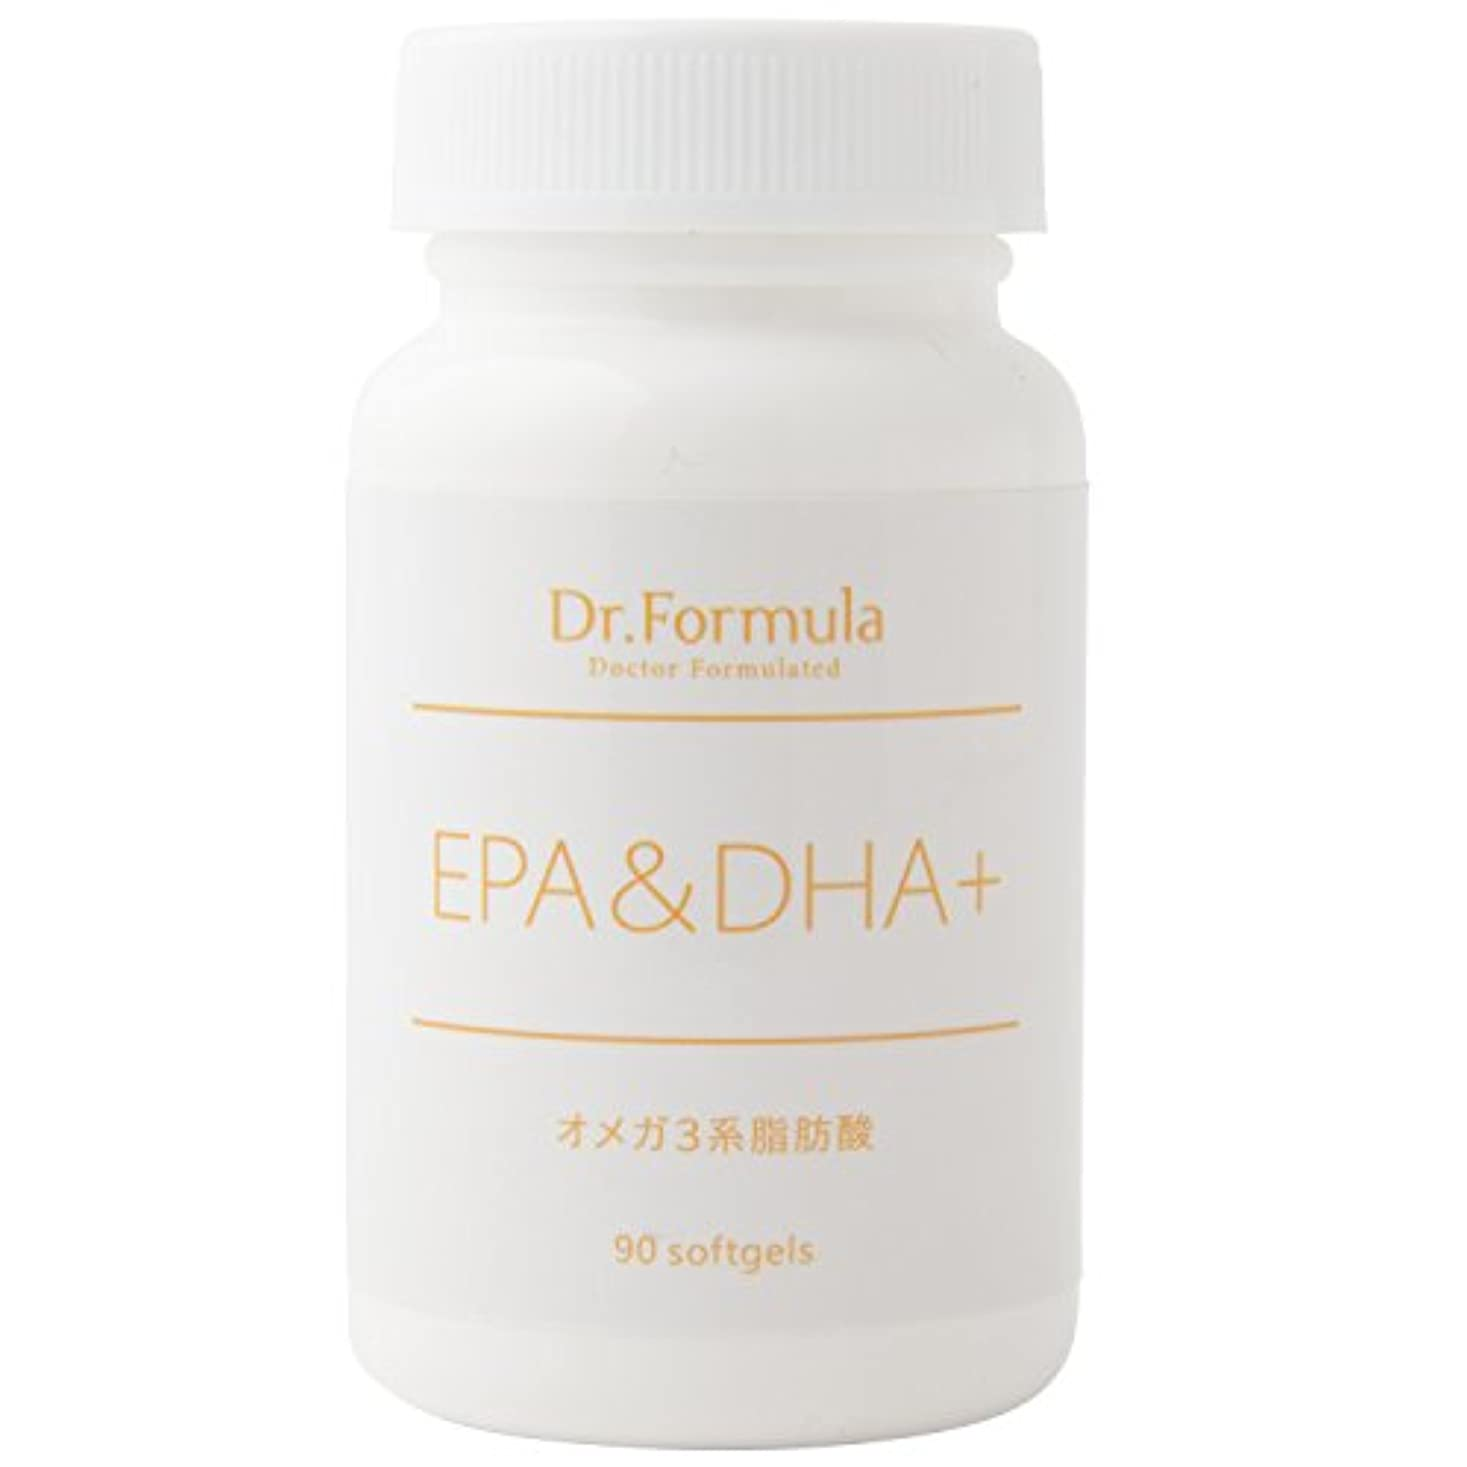 ラウンジすなわち動物園Dr.Formula EPA&DHA+(オメガ 3系脂肪酸) 30日分 90粒 日本製 OMEGA3